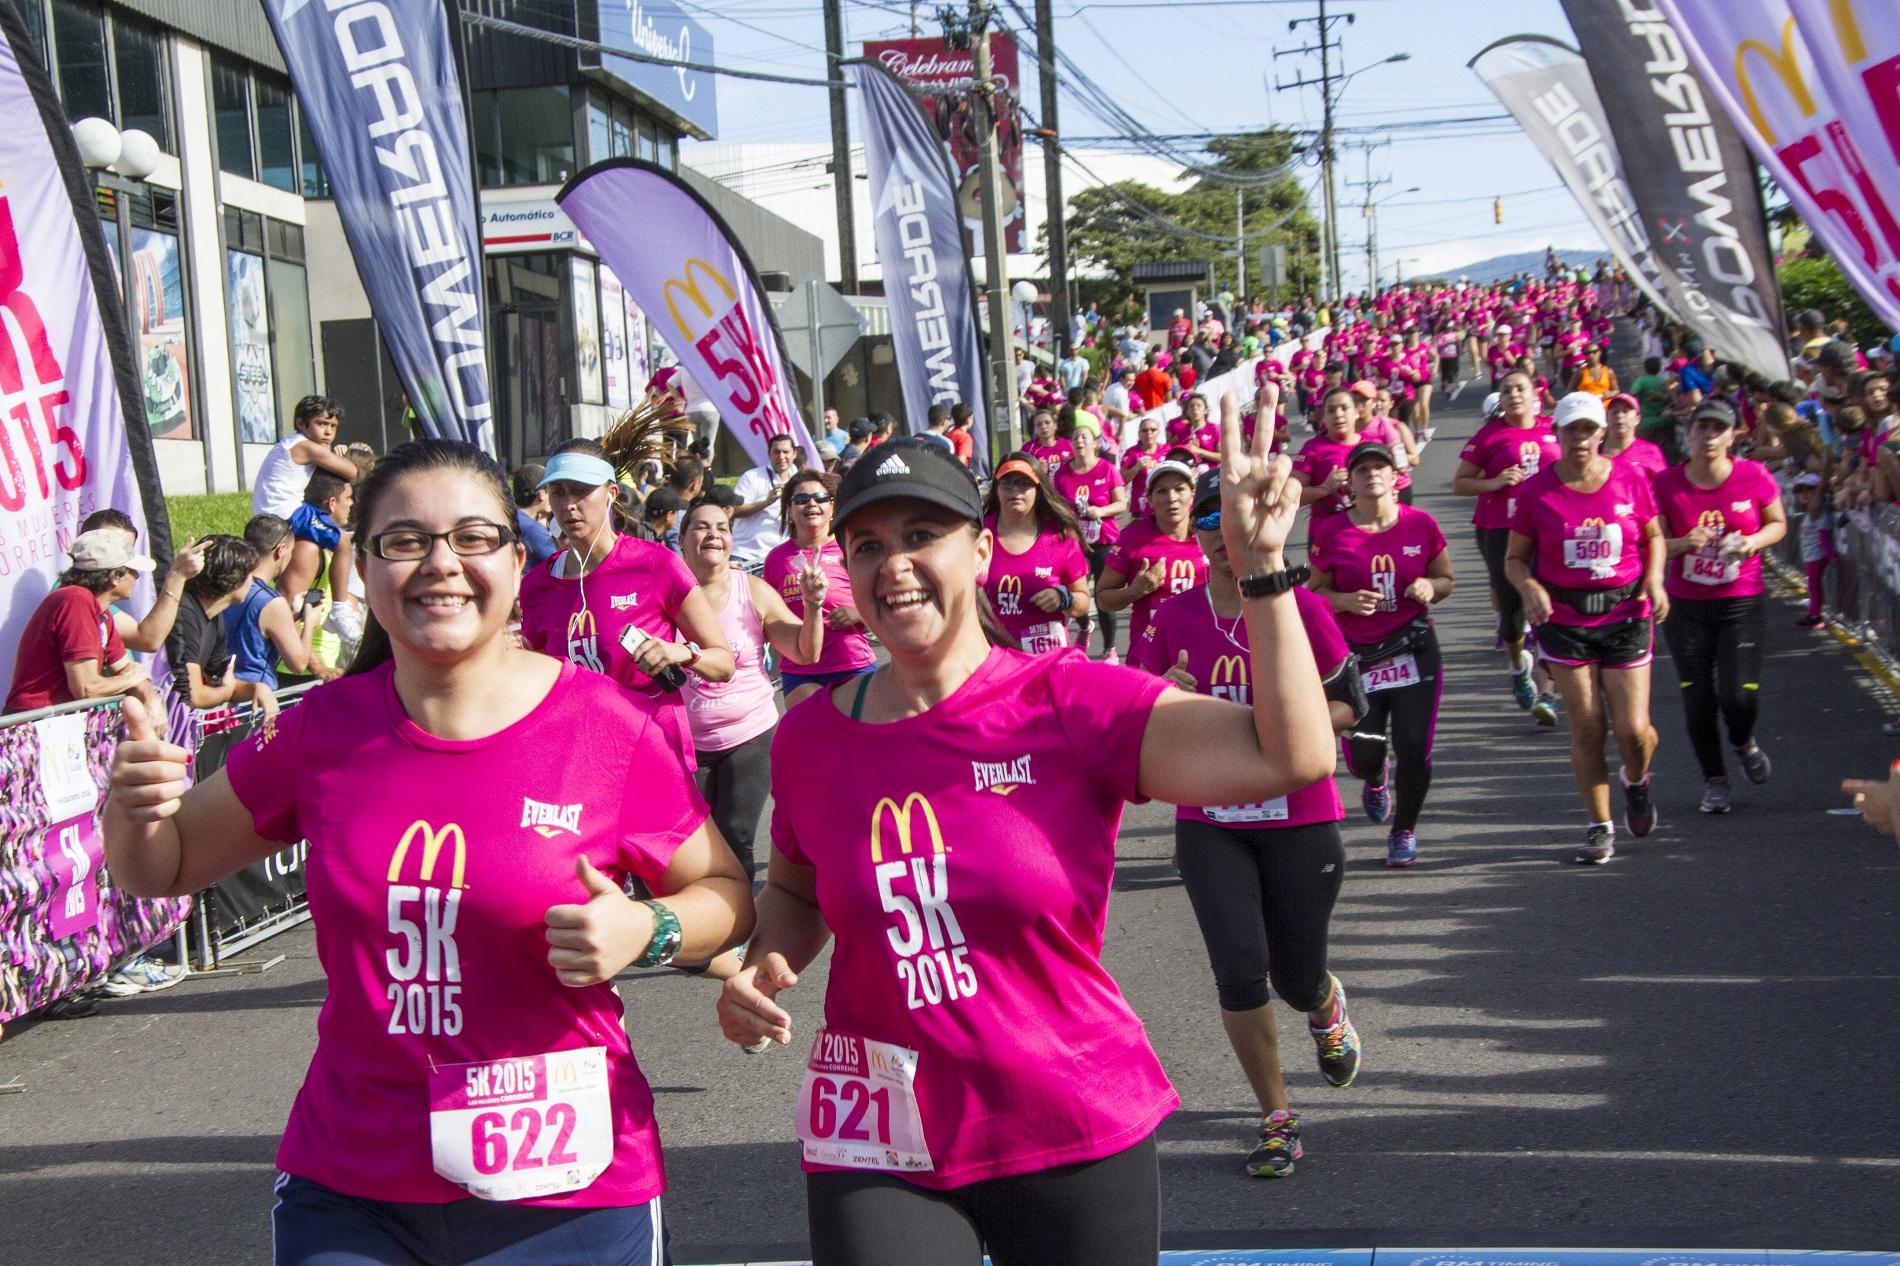 Costa Rica celebrará McDonald's 5K, la carrera para mujeres más grande de América Latina